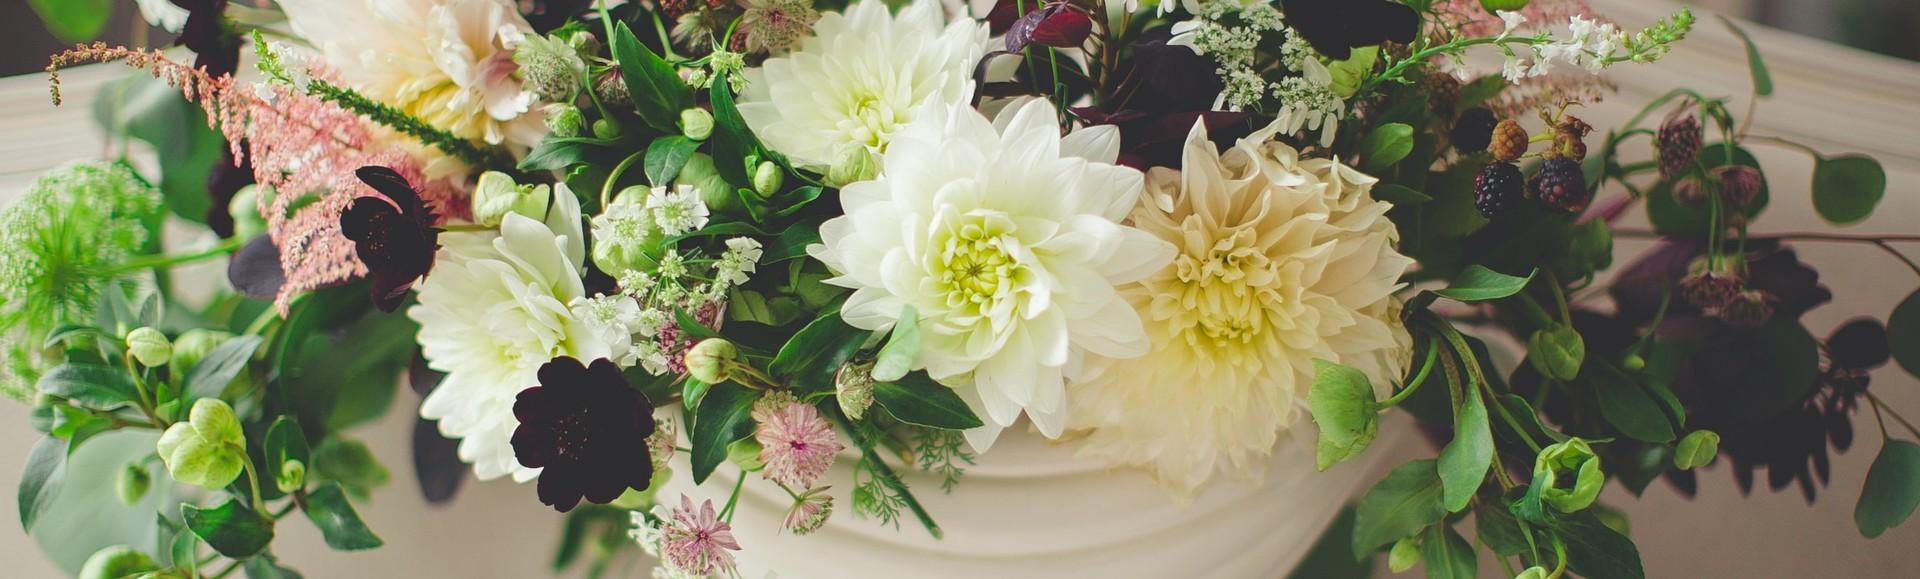 image bouquet fleurs